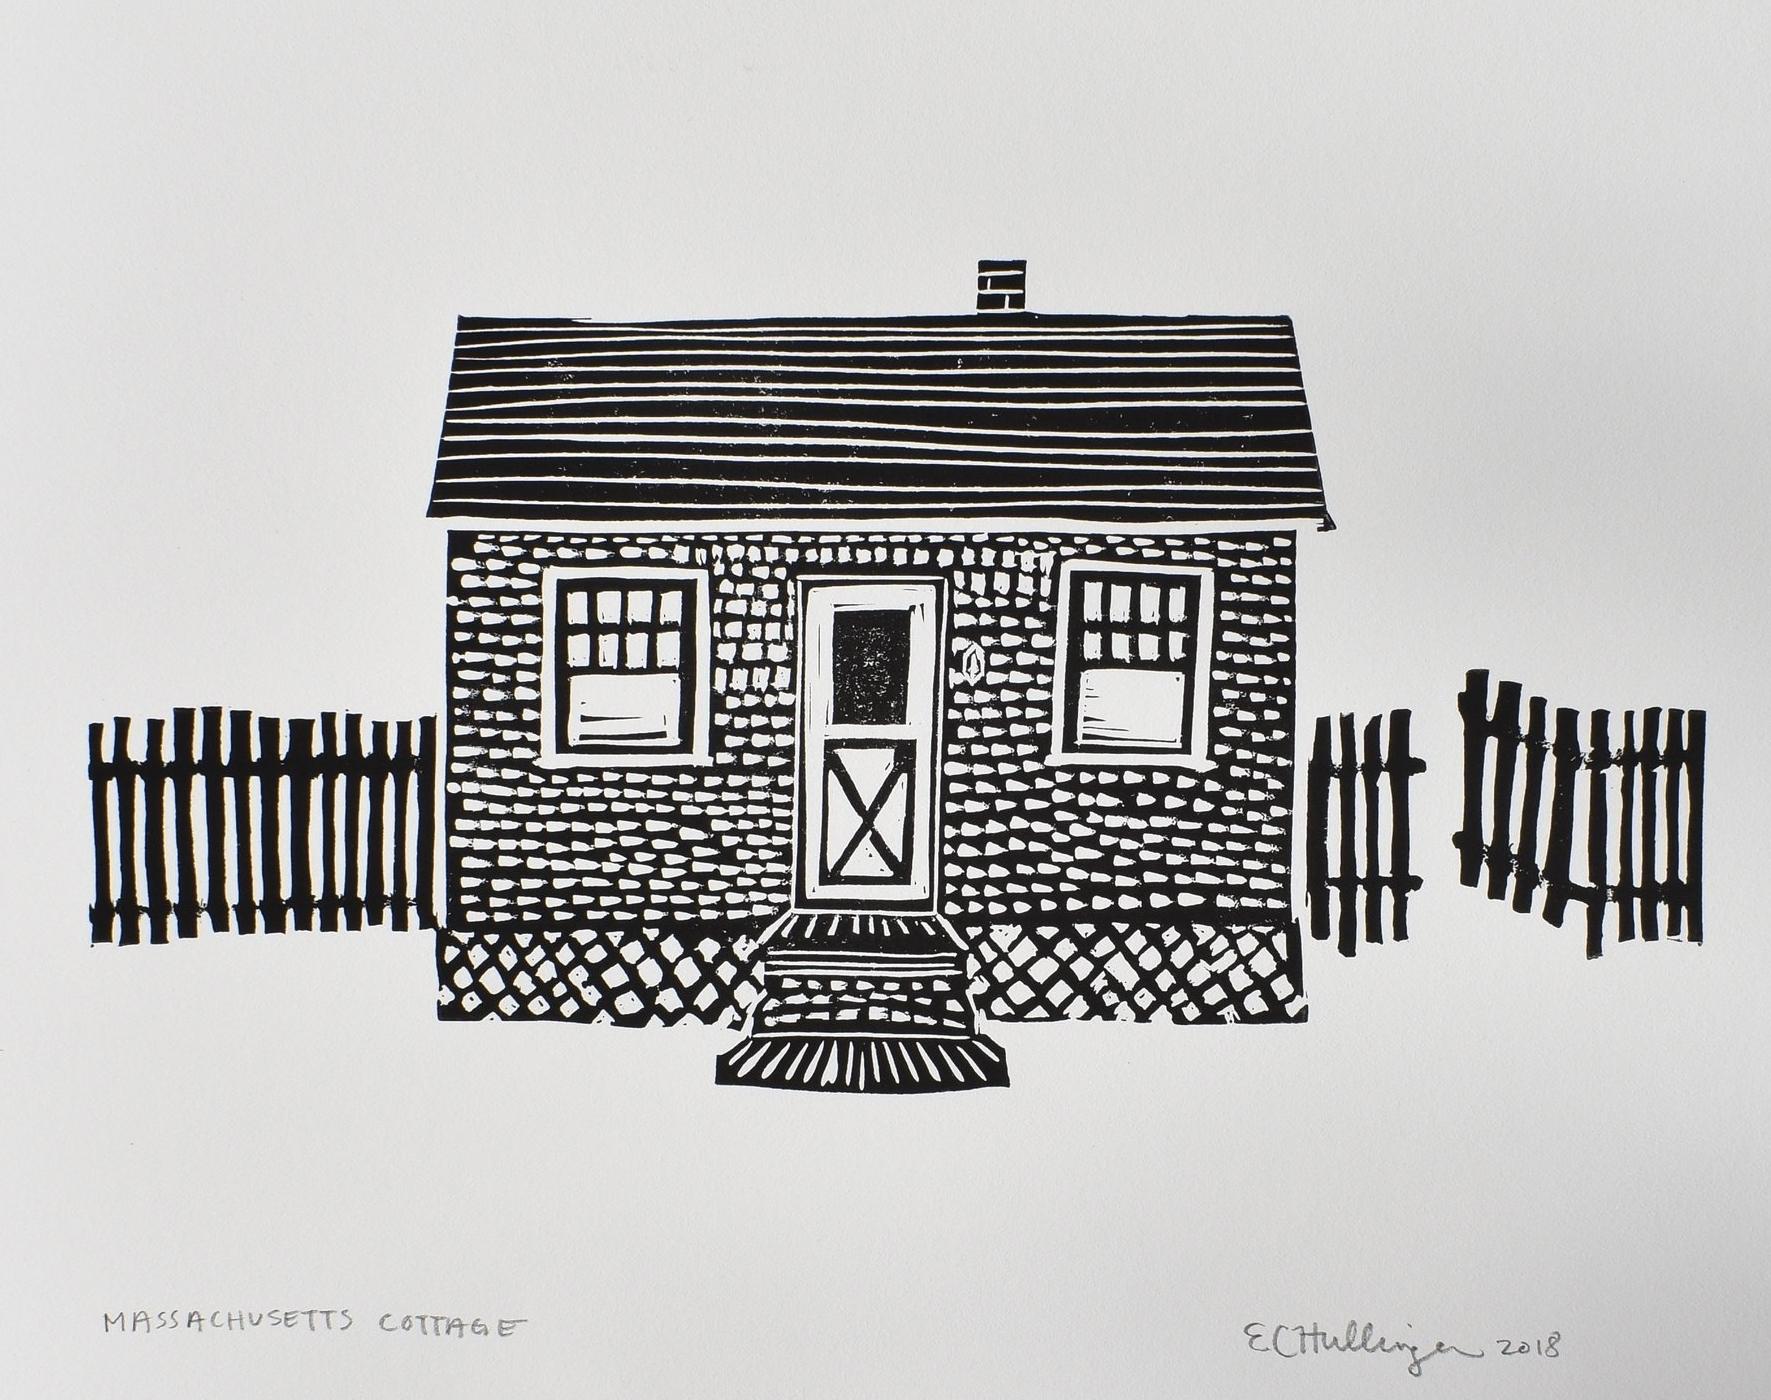 Massachusetts Cottage